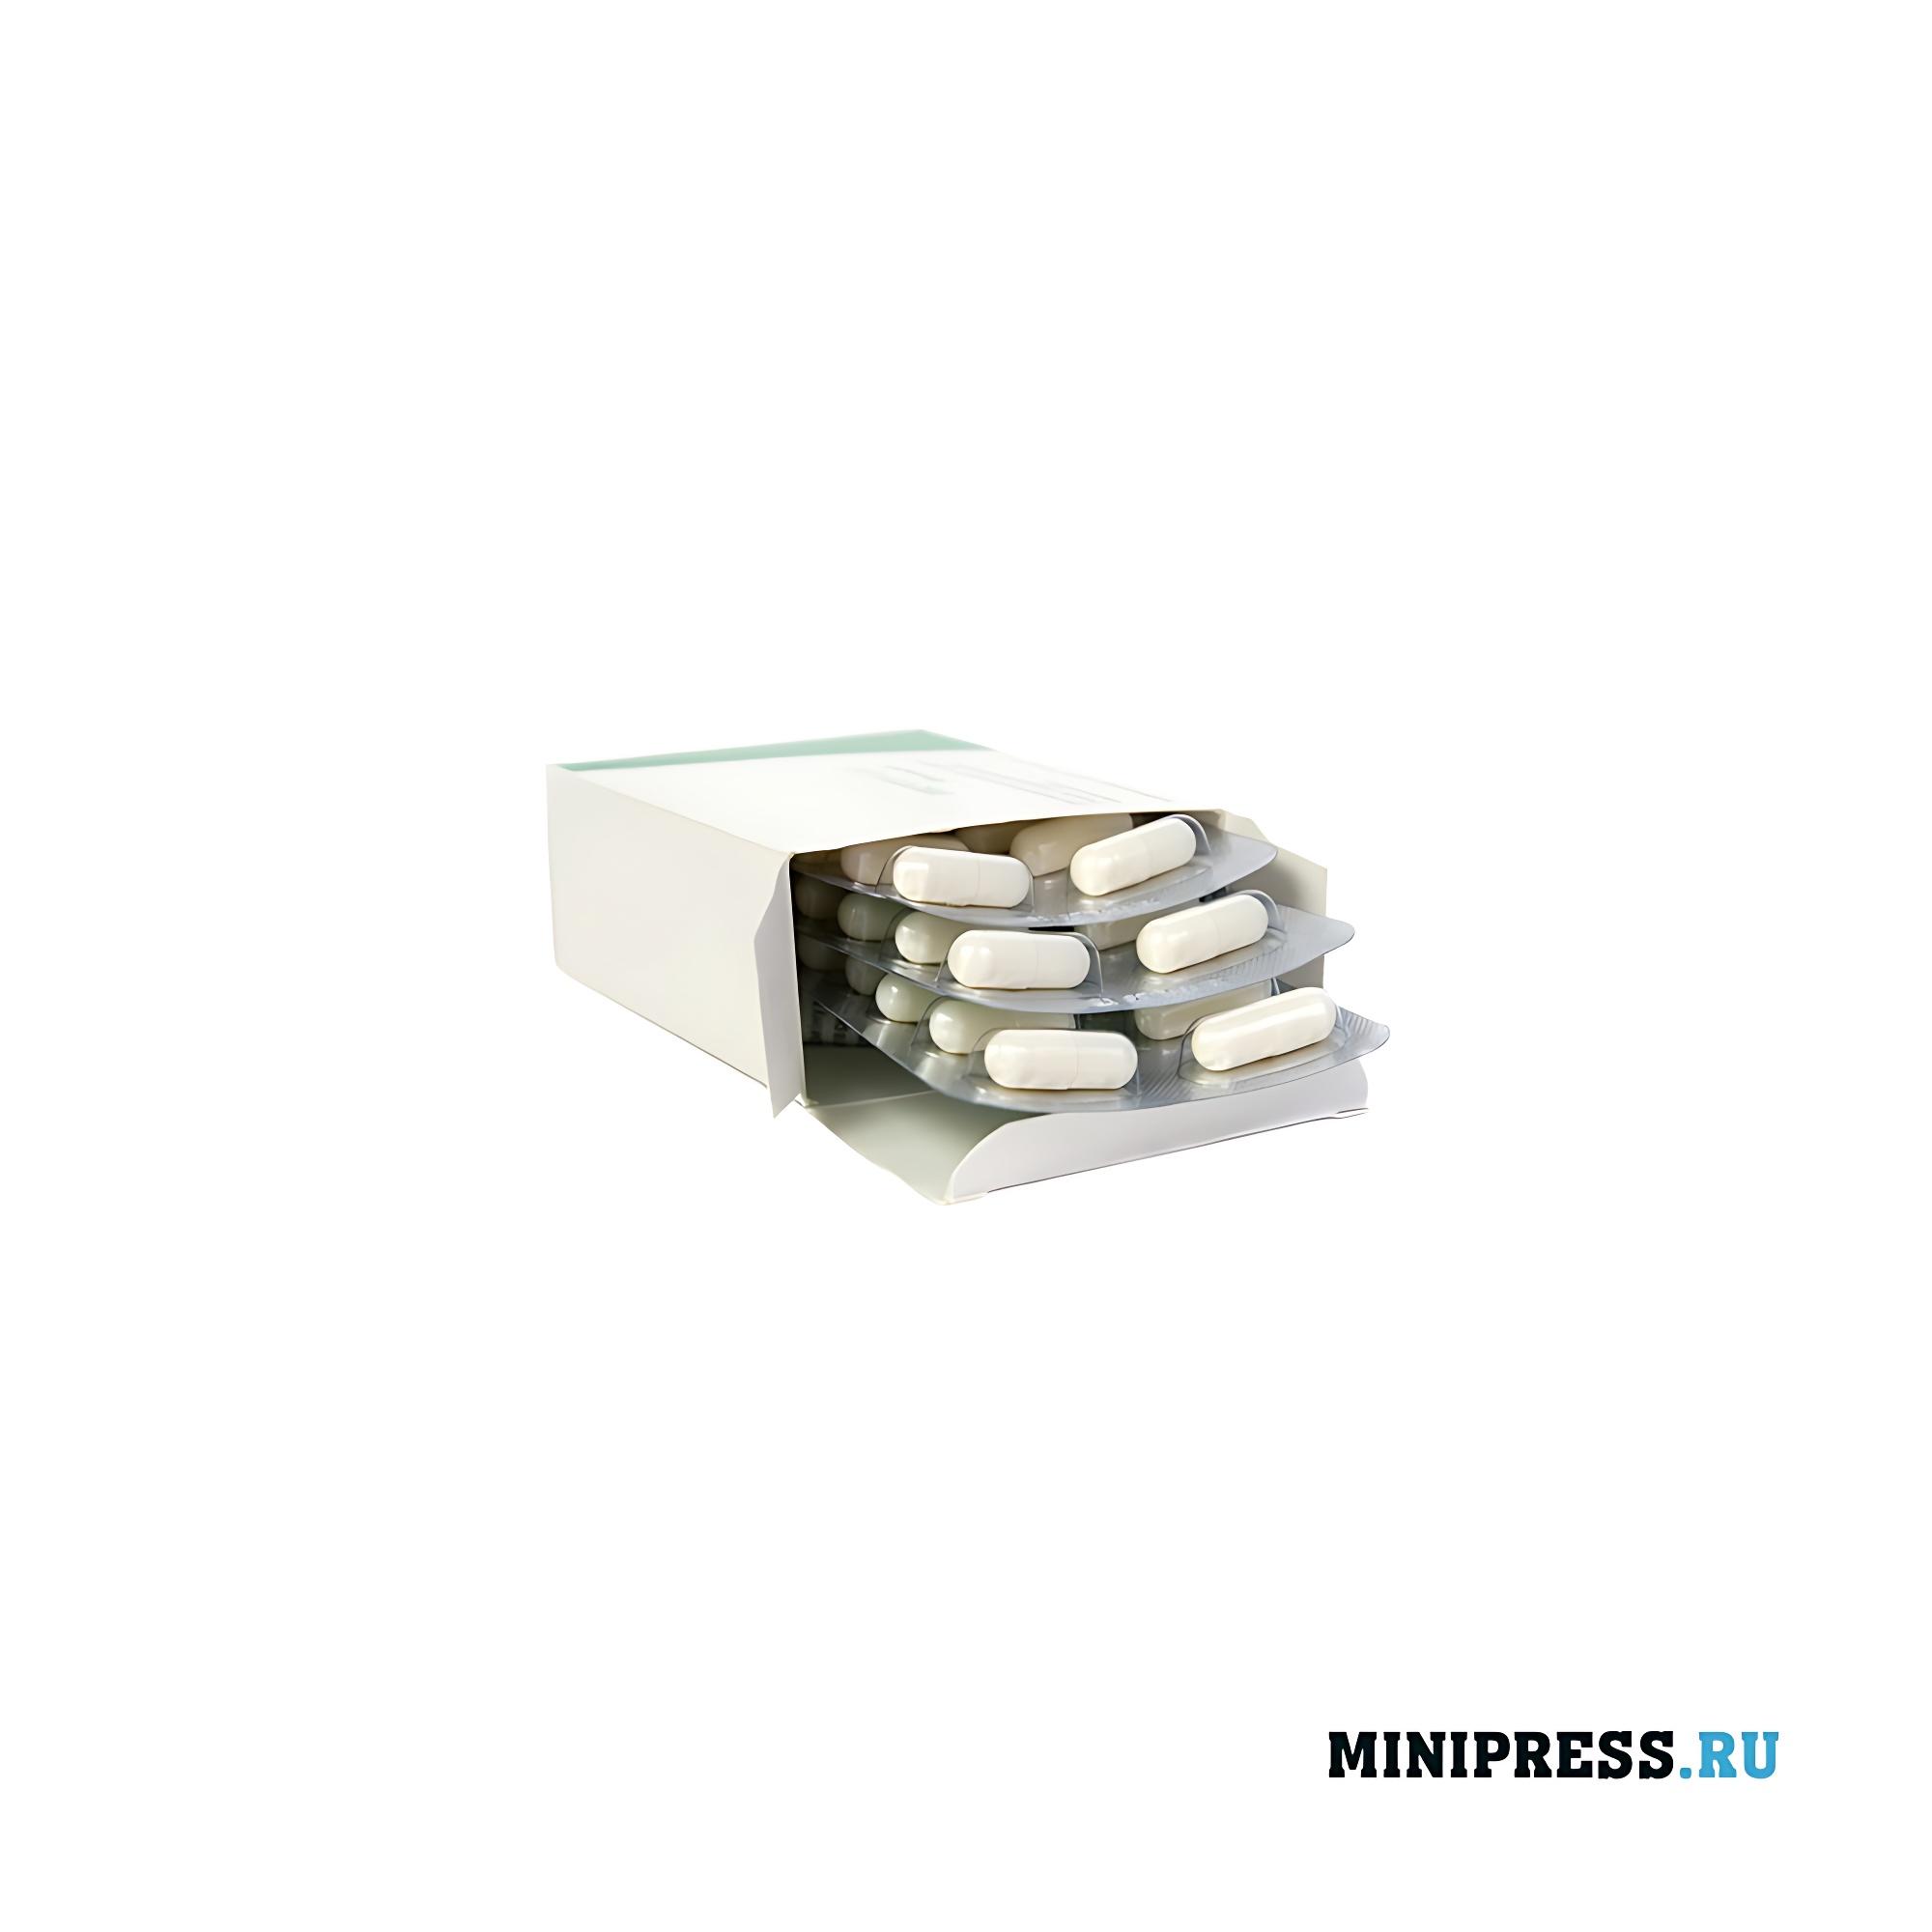 Упаковка блистеров с таблетками в картонную коробку